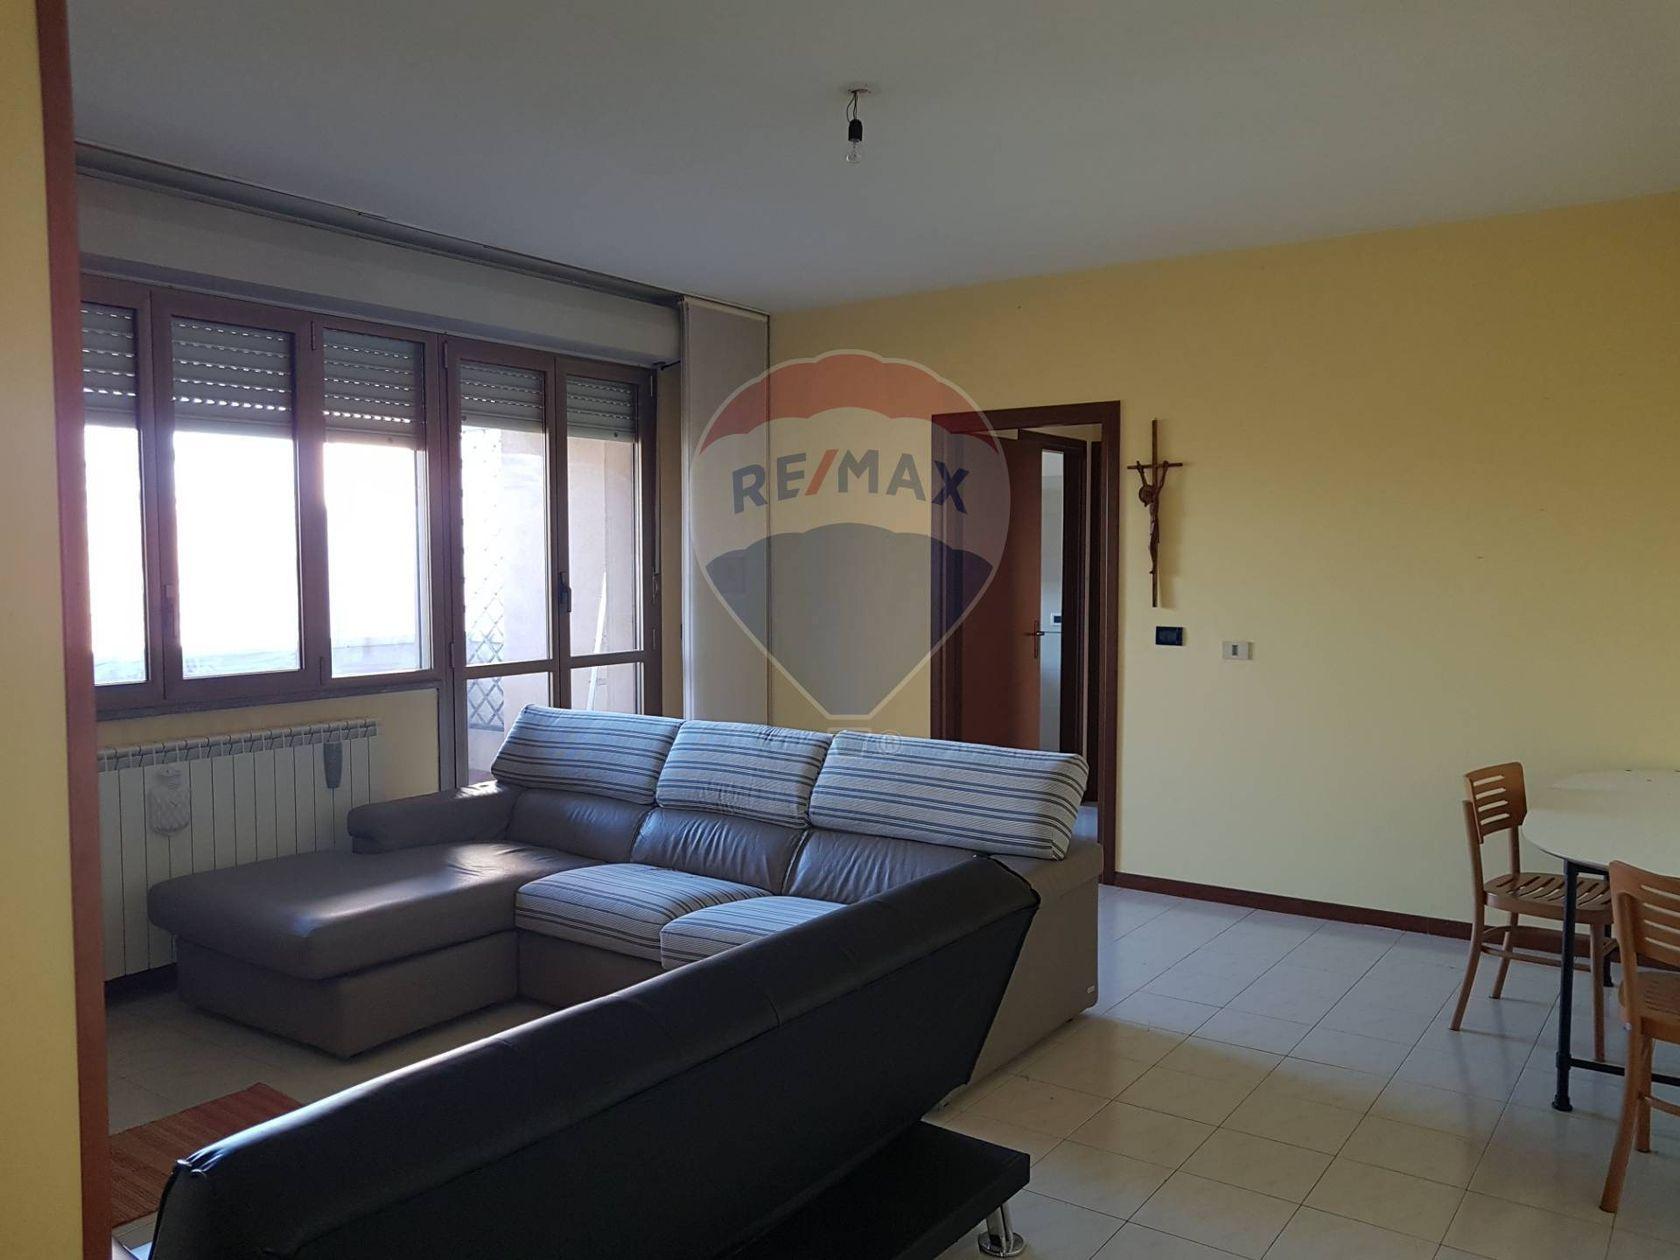 Appartamento Crespellano, Valsamoggia, BO Vendita - Foto 2